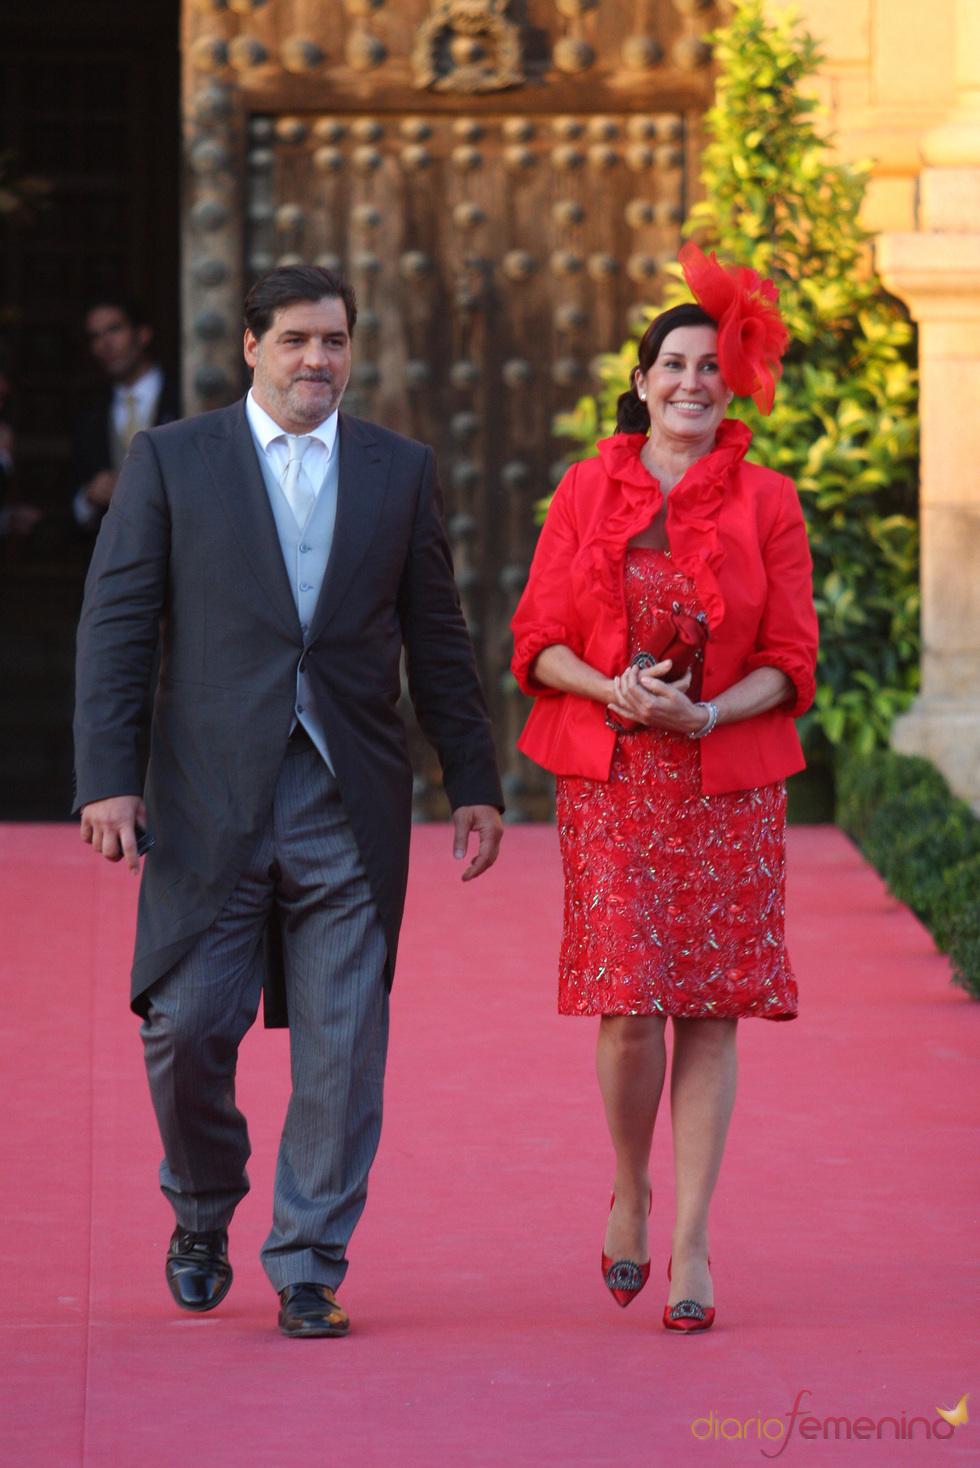 Carmen Martínez Bordiú y José Campos en la boda de Rafael Medina